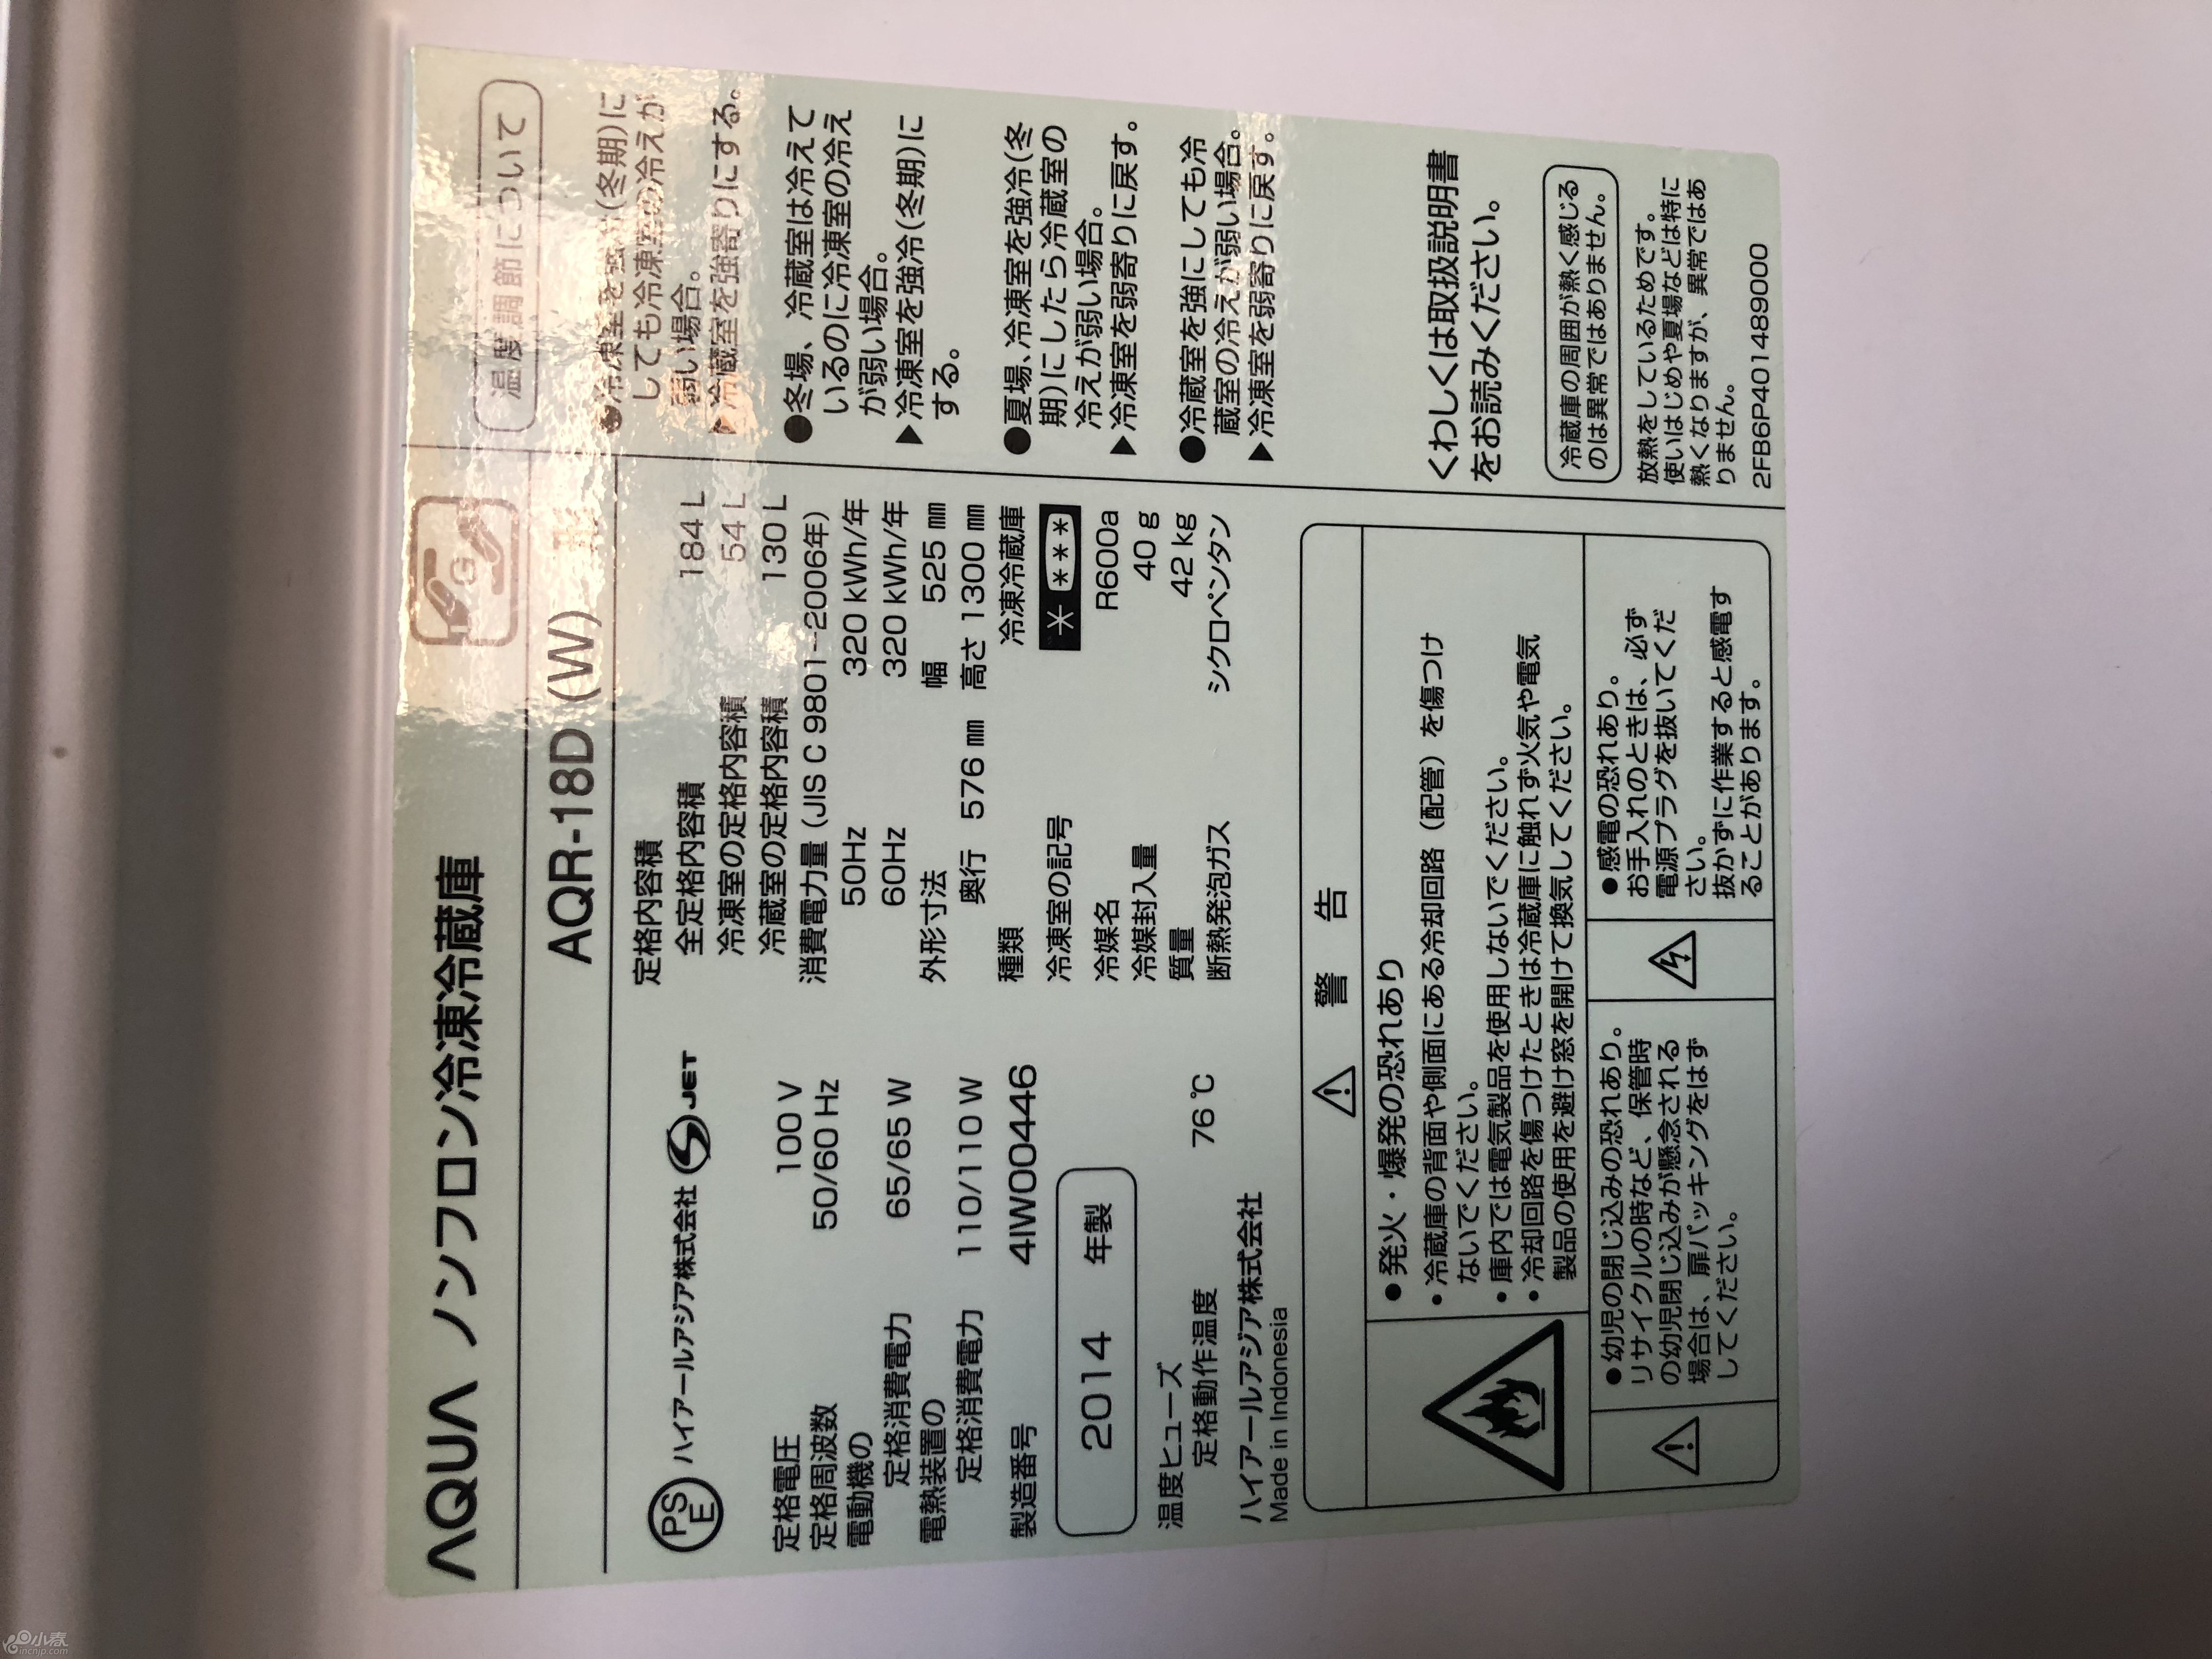 03E93800-D254-4DA7-AFB2-A910AE15A50E.jpeg